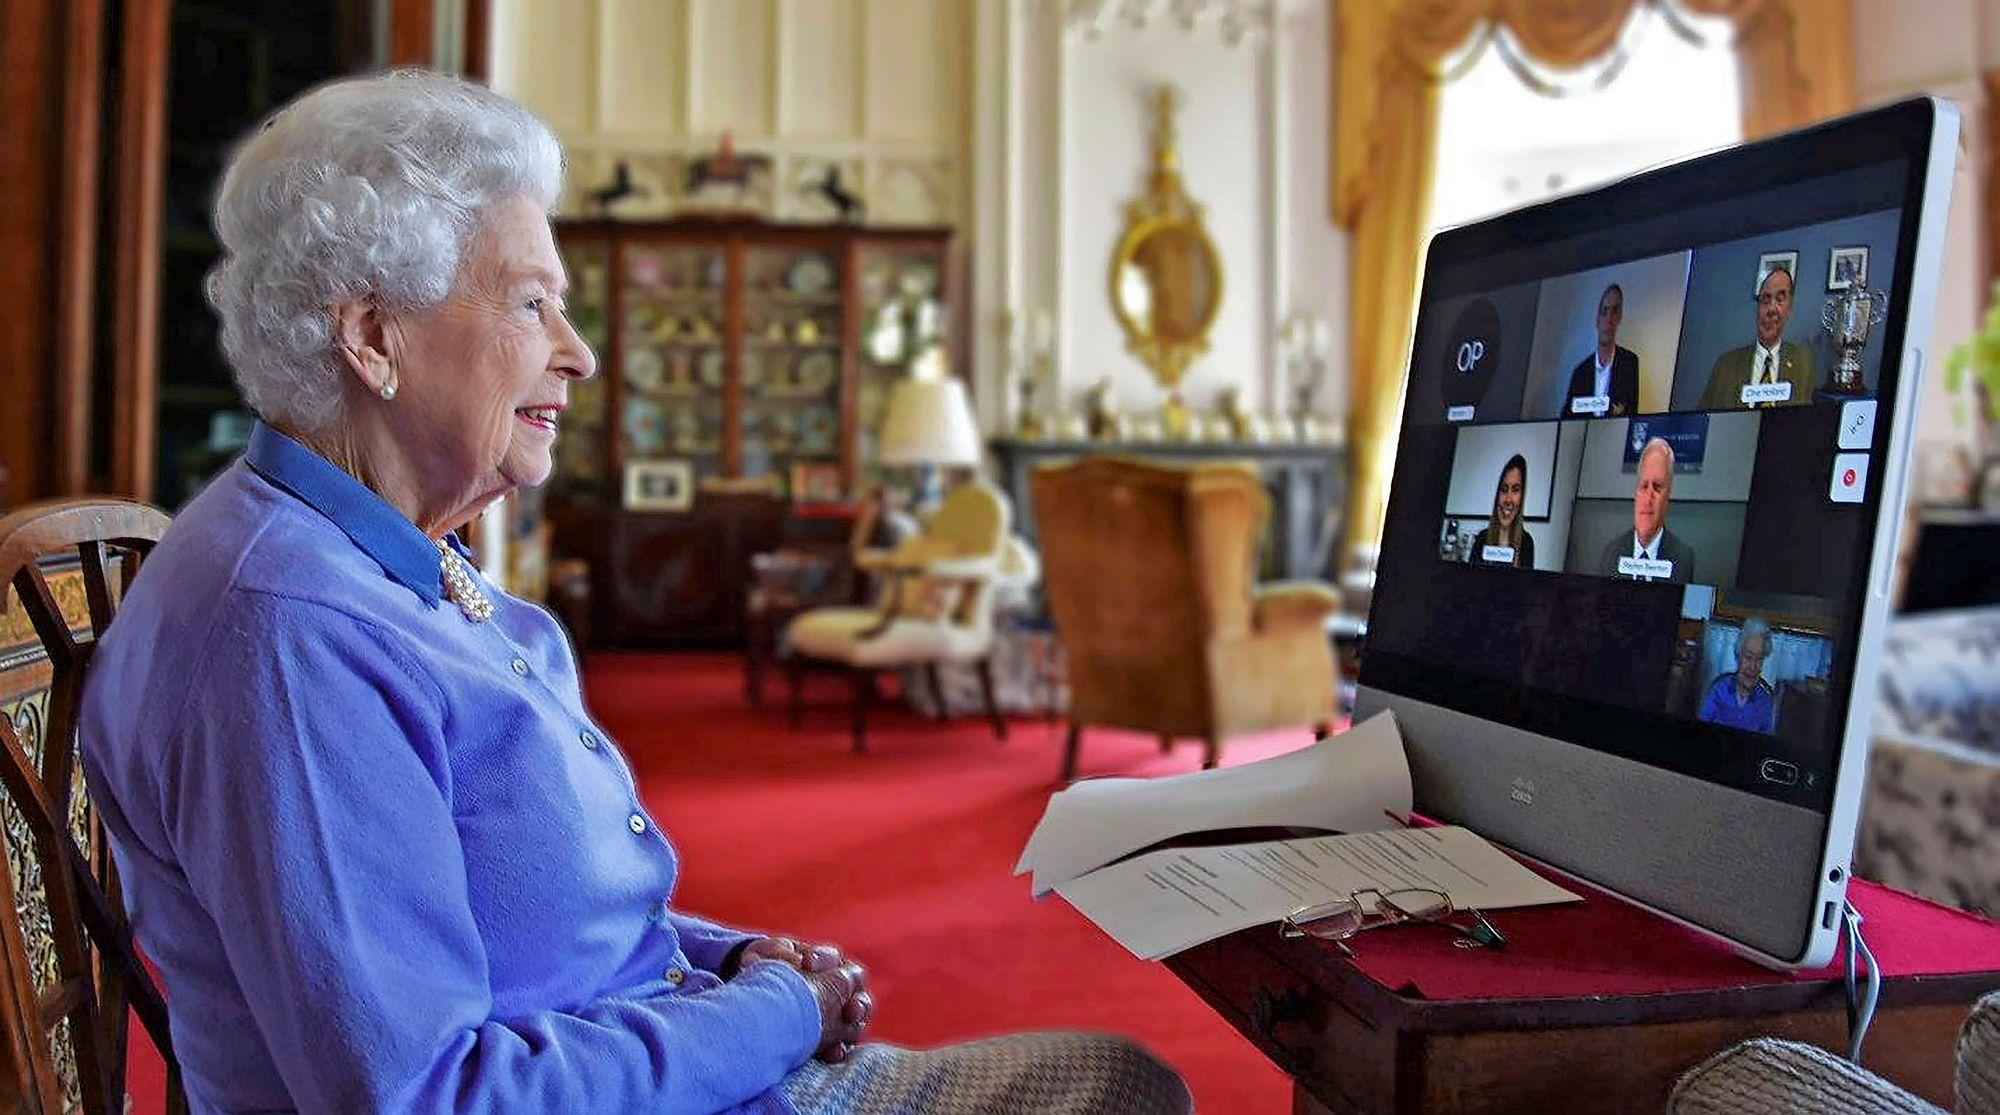 Kuningatar on jatkanut työtään myös Philipin kuoleman jälkeen. 95-vuotissyntymäpäivänään muutama päivä prinssin hautajaisten jälkeen kuningatar kertoi perheen elävän suuren surun keskellä. © Pool / Zuma Press / MVPhotos